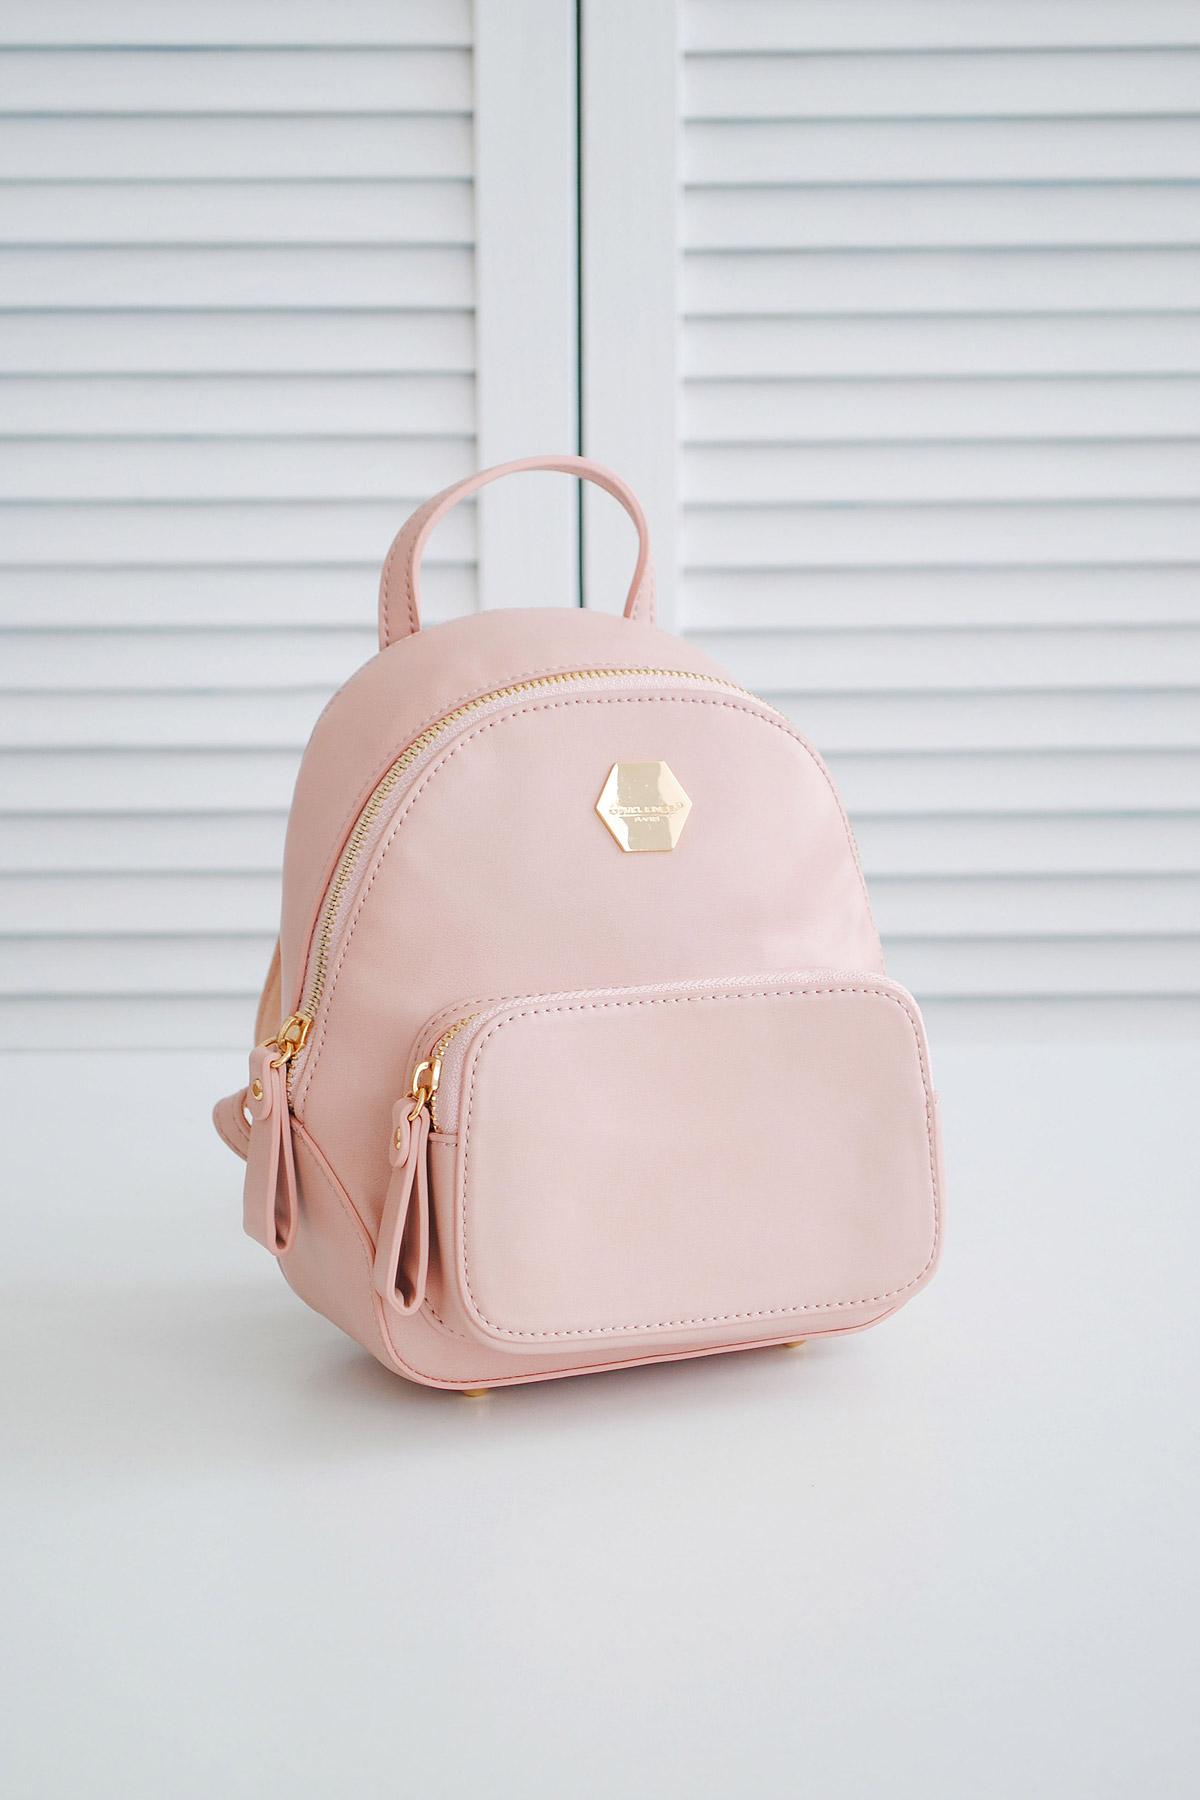 24caa0df10e9 женский городской мини рюкзак. Рюкзак 5526-2. Цвет: пудра